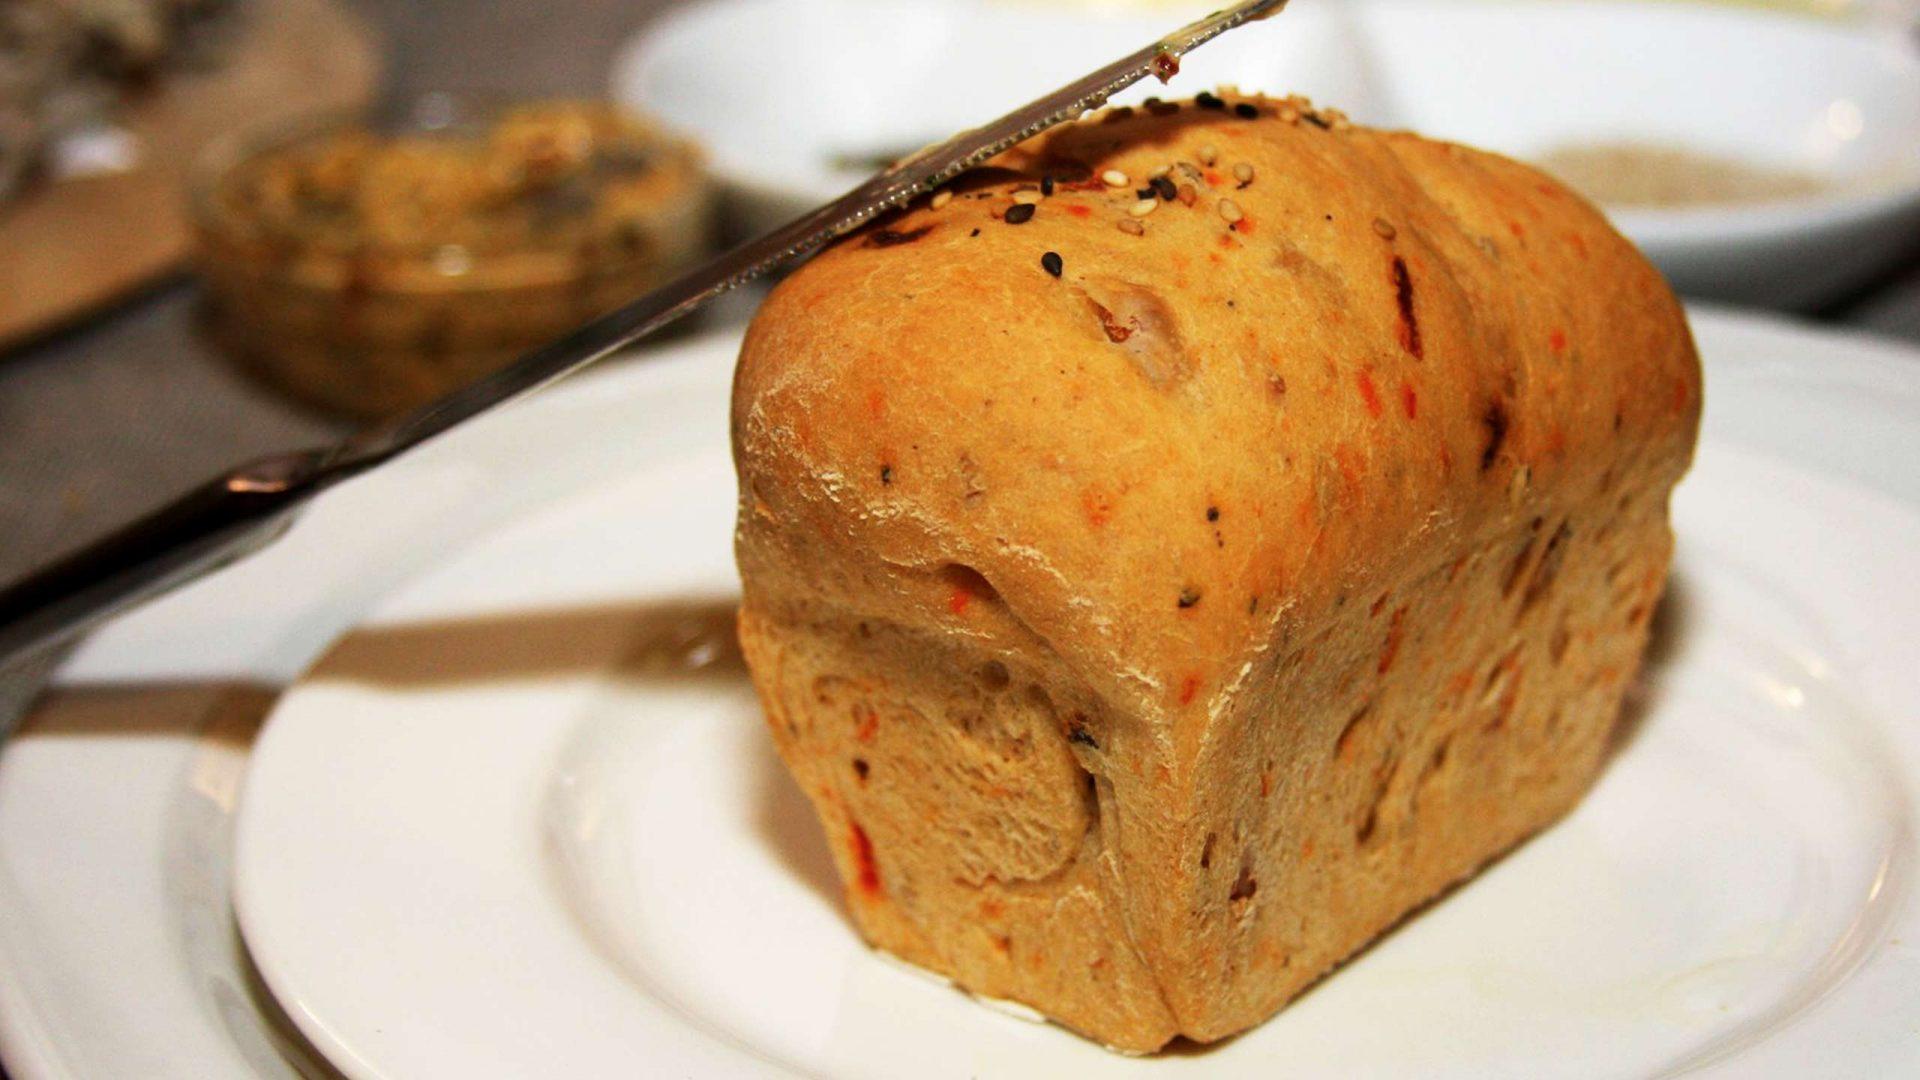 ארוחת לא על הלחם לבדו